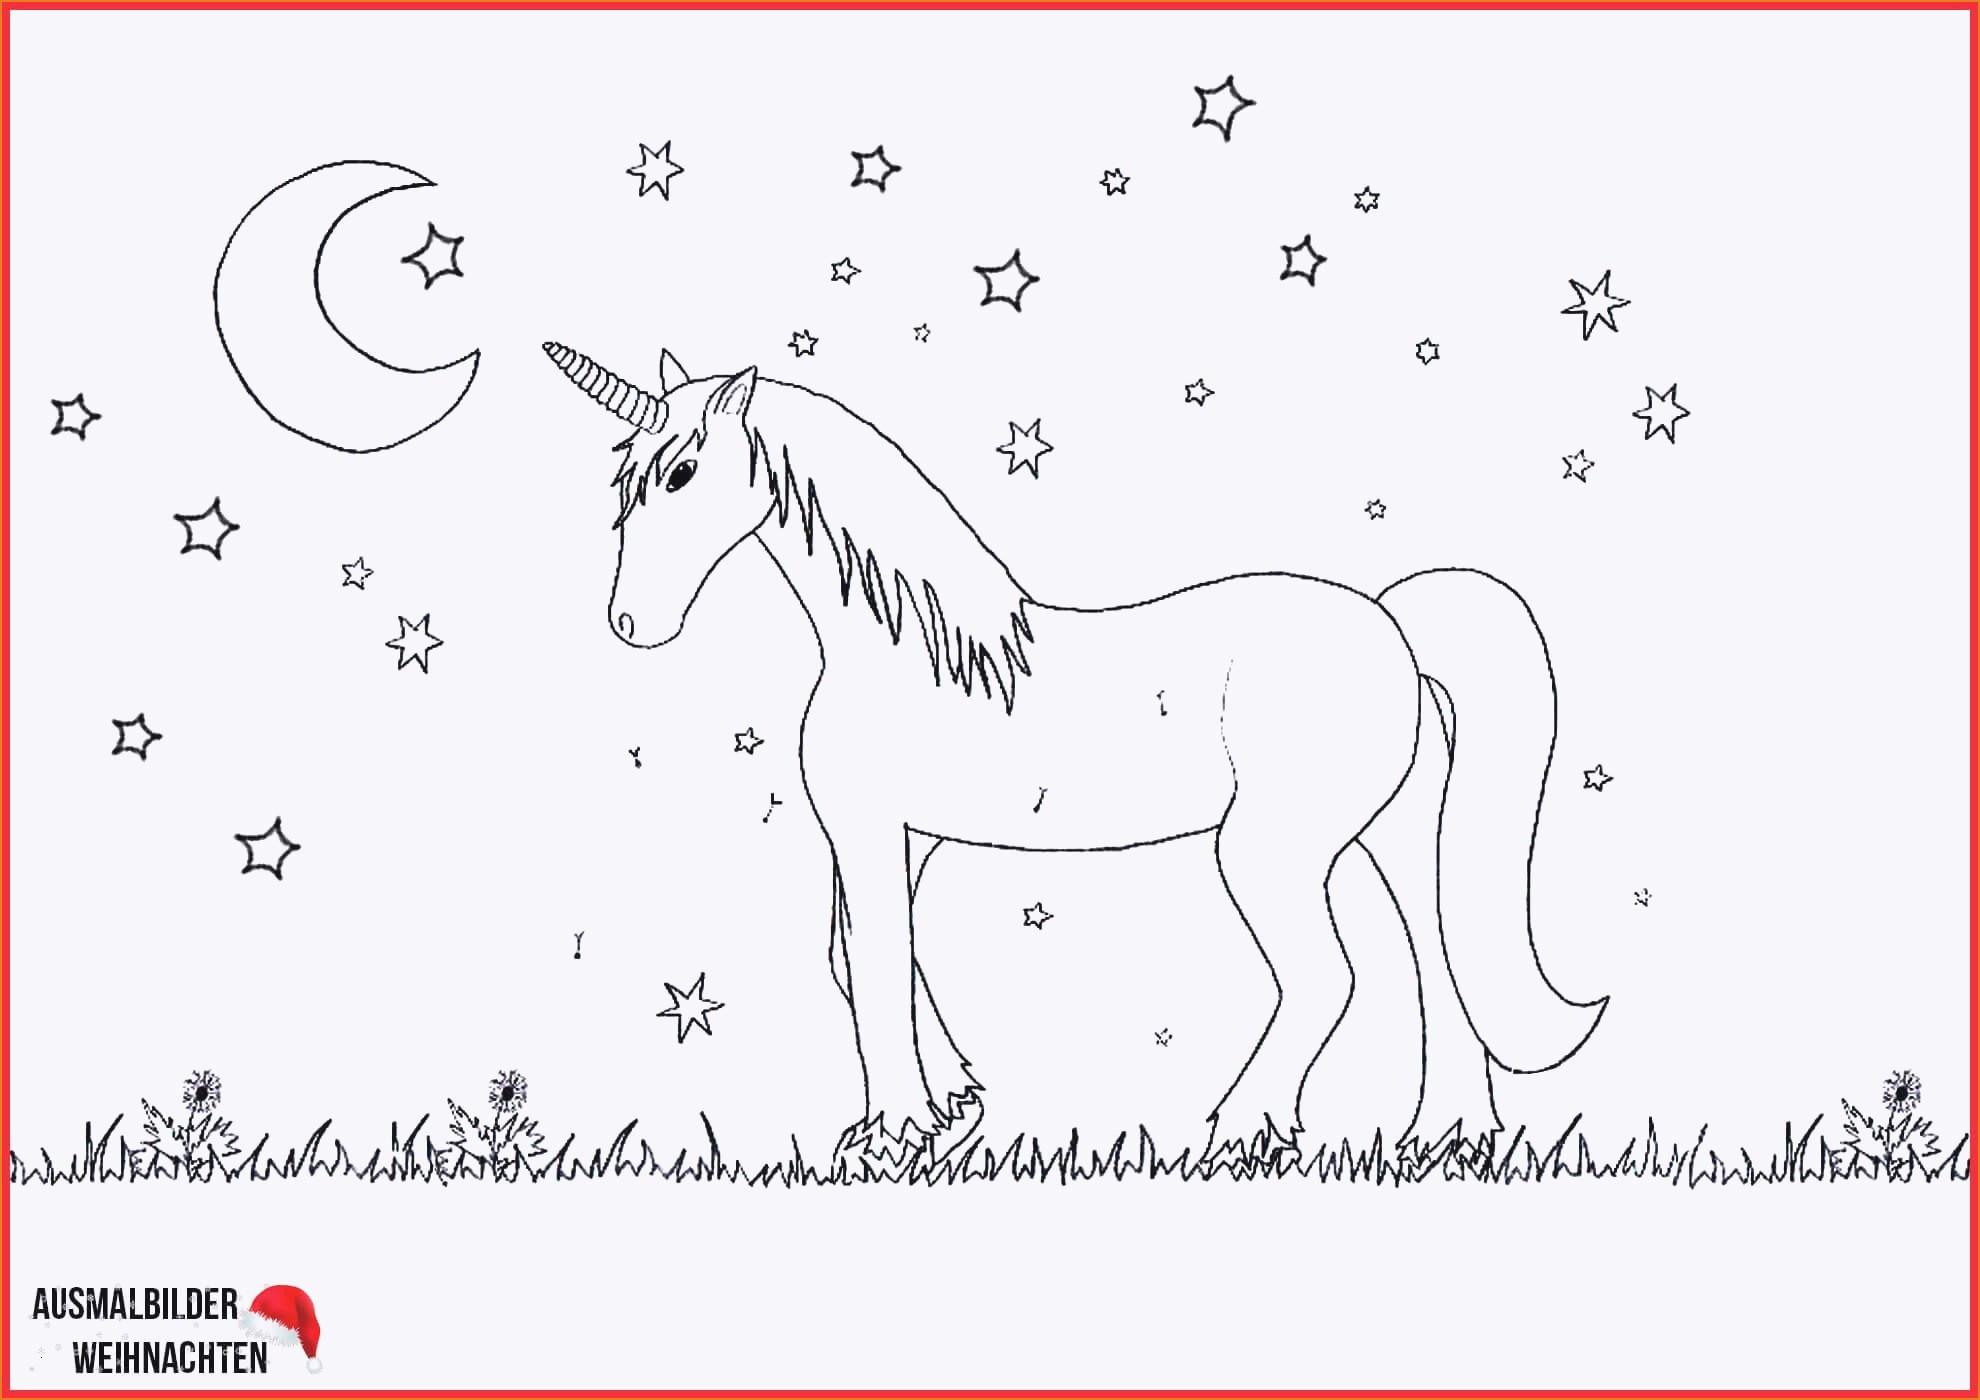 Ausmalbilder Weihnachten Schule Genial Pferde Bilder Zum Ausdrucken Genial Malvorlagen Igel Best Galerie